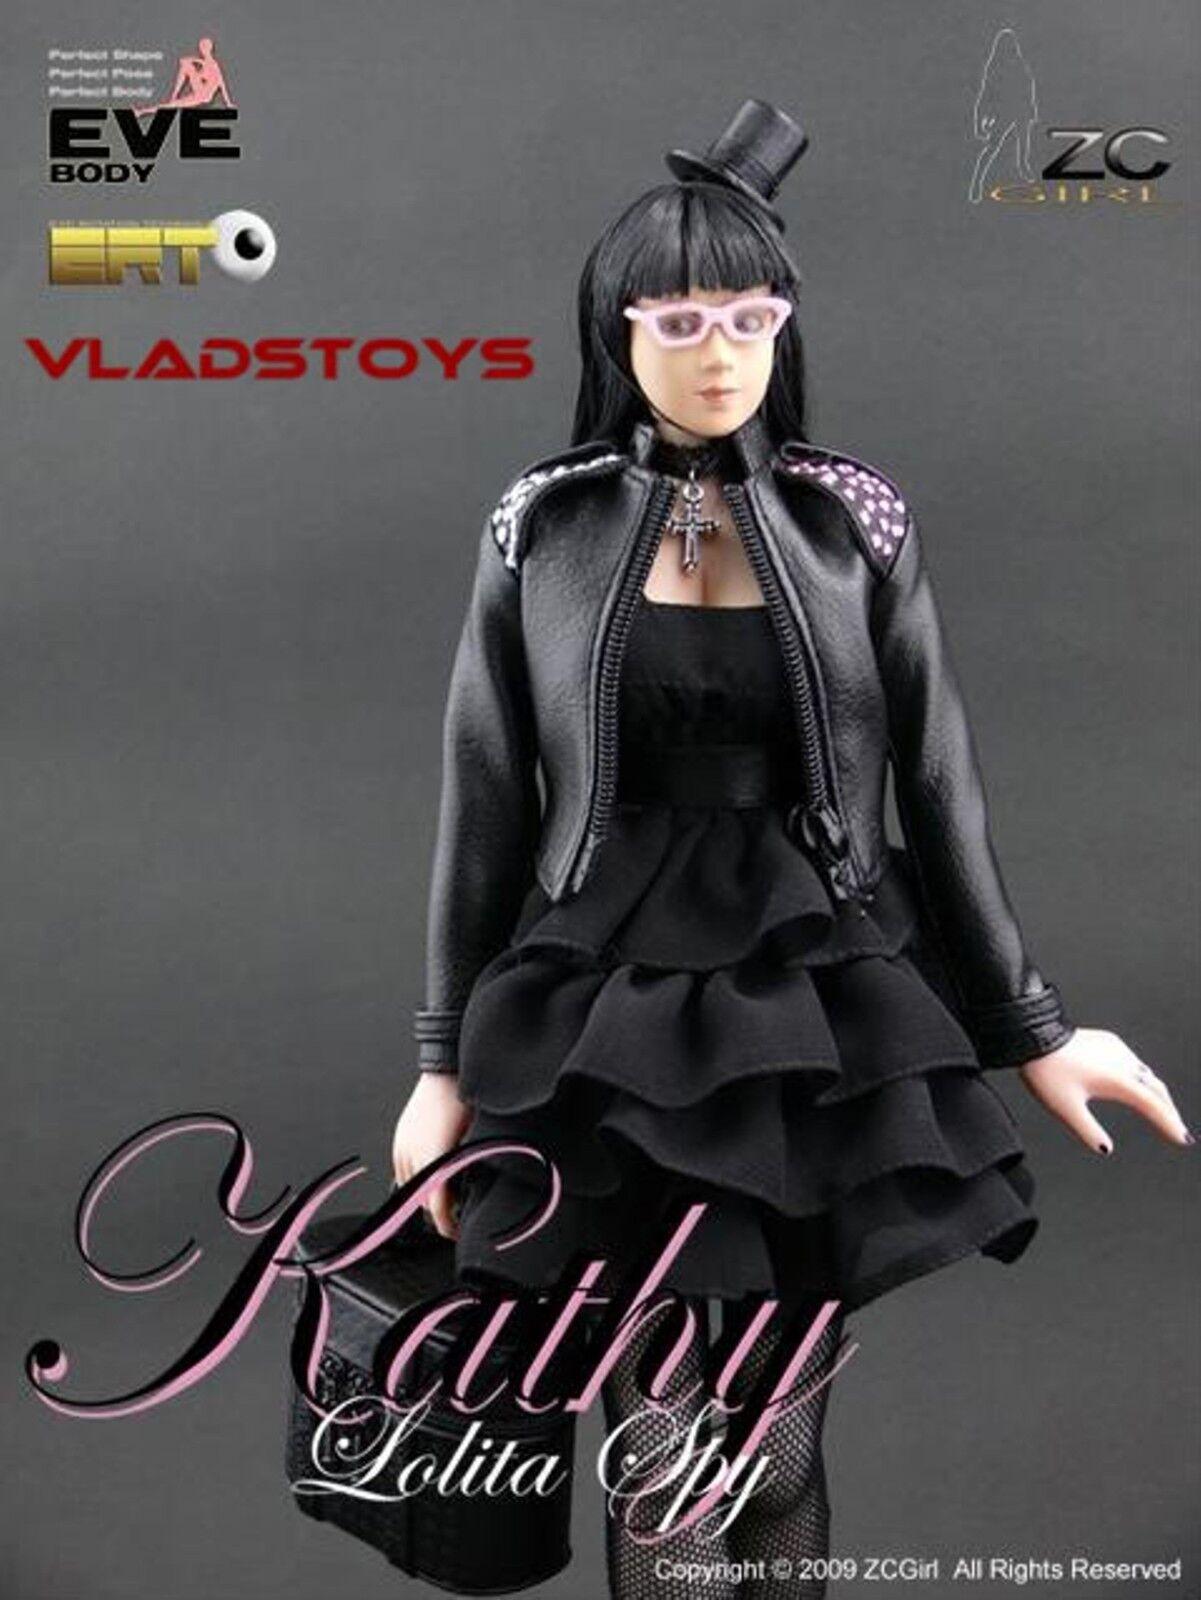 ZC Girls CY Girl 1:6 Scale 12   Kathy Lolita Sexy hot female Spy